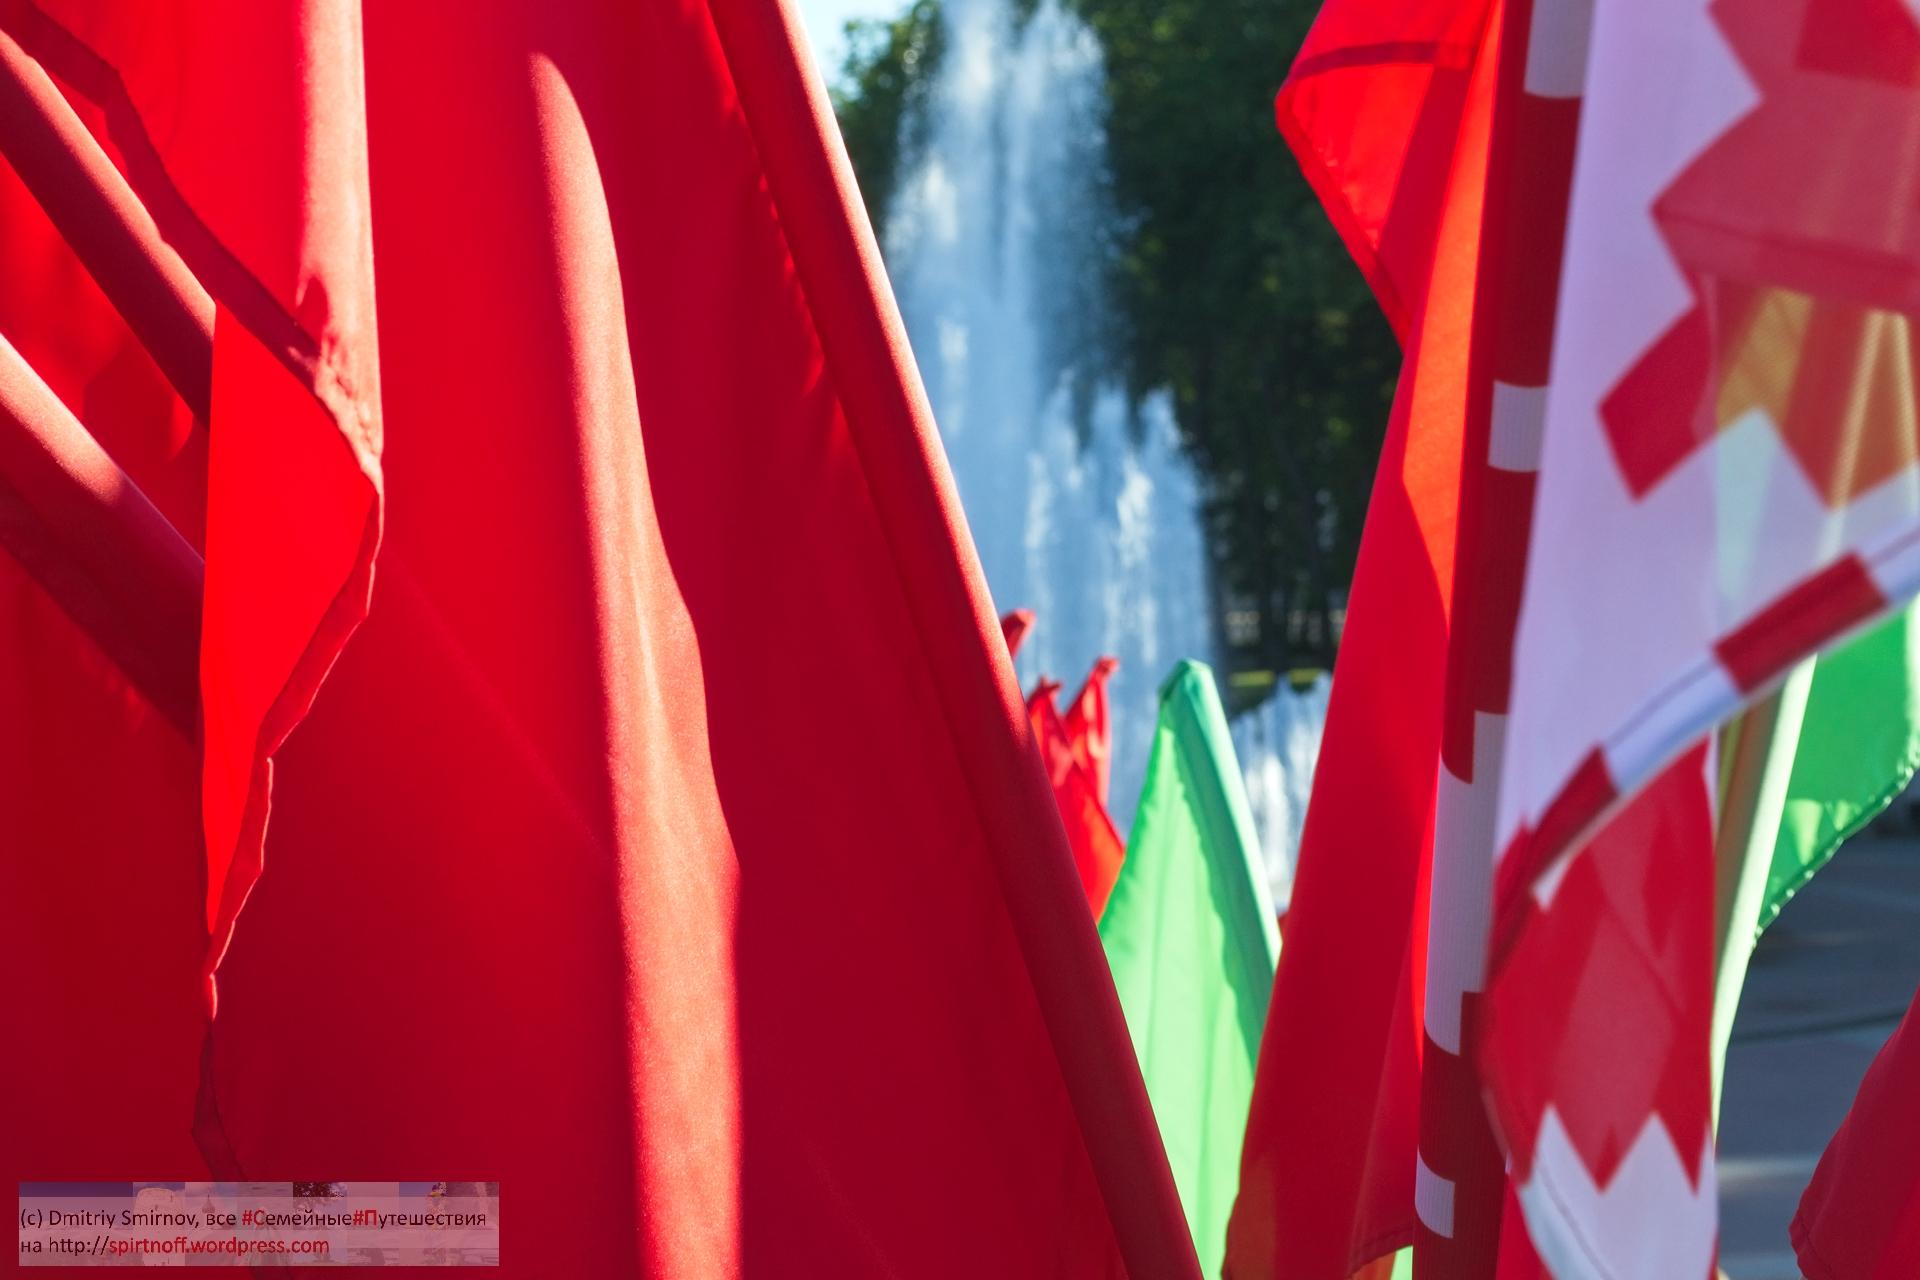 DSC_6725-Blog-21 Путешествия  Минск, Большой театр, сквер Марата Казея, сквер Янки Купалы, проспект Независимости